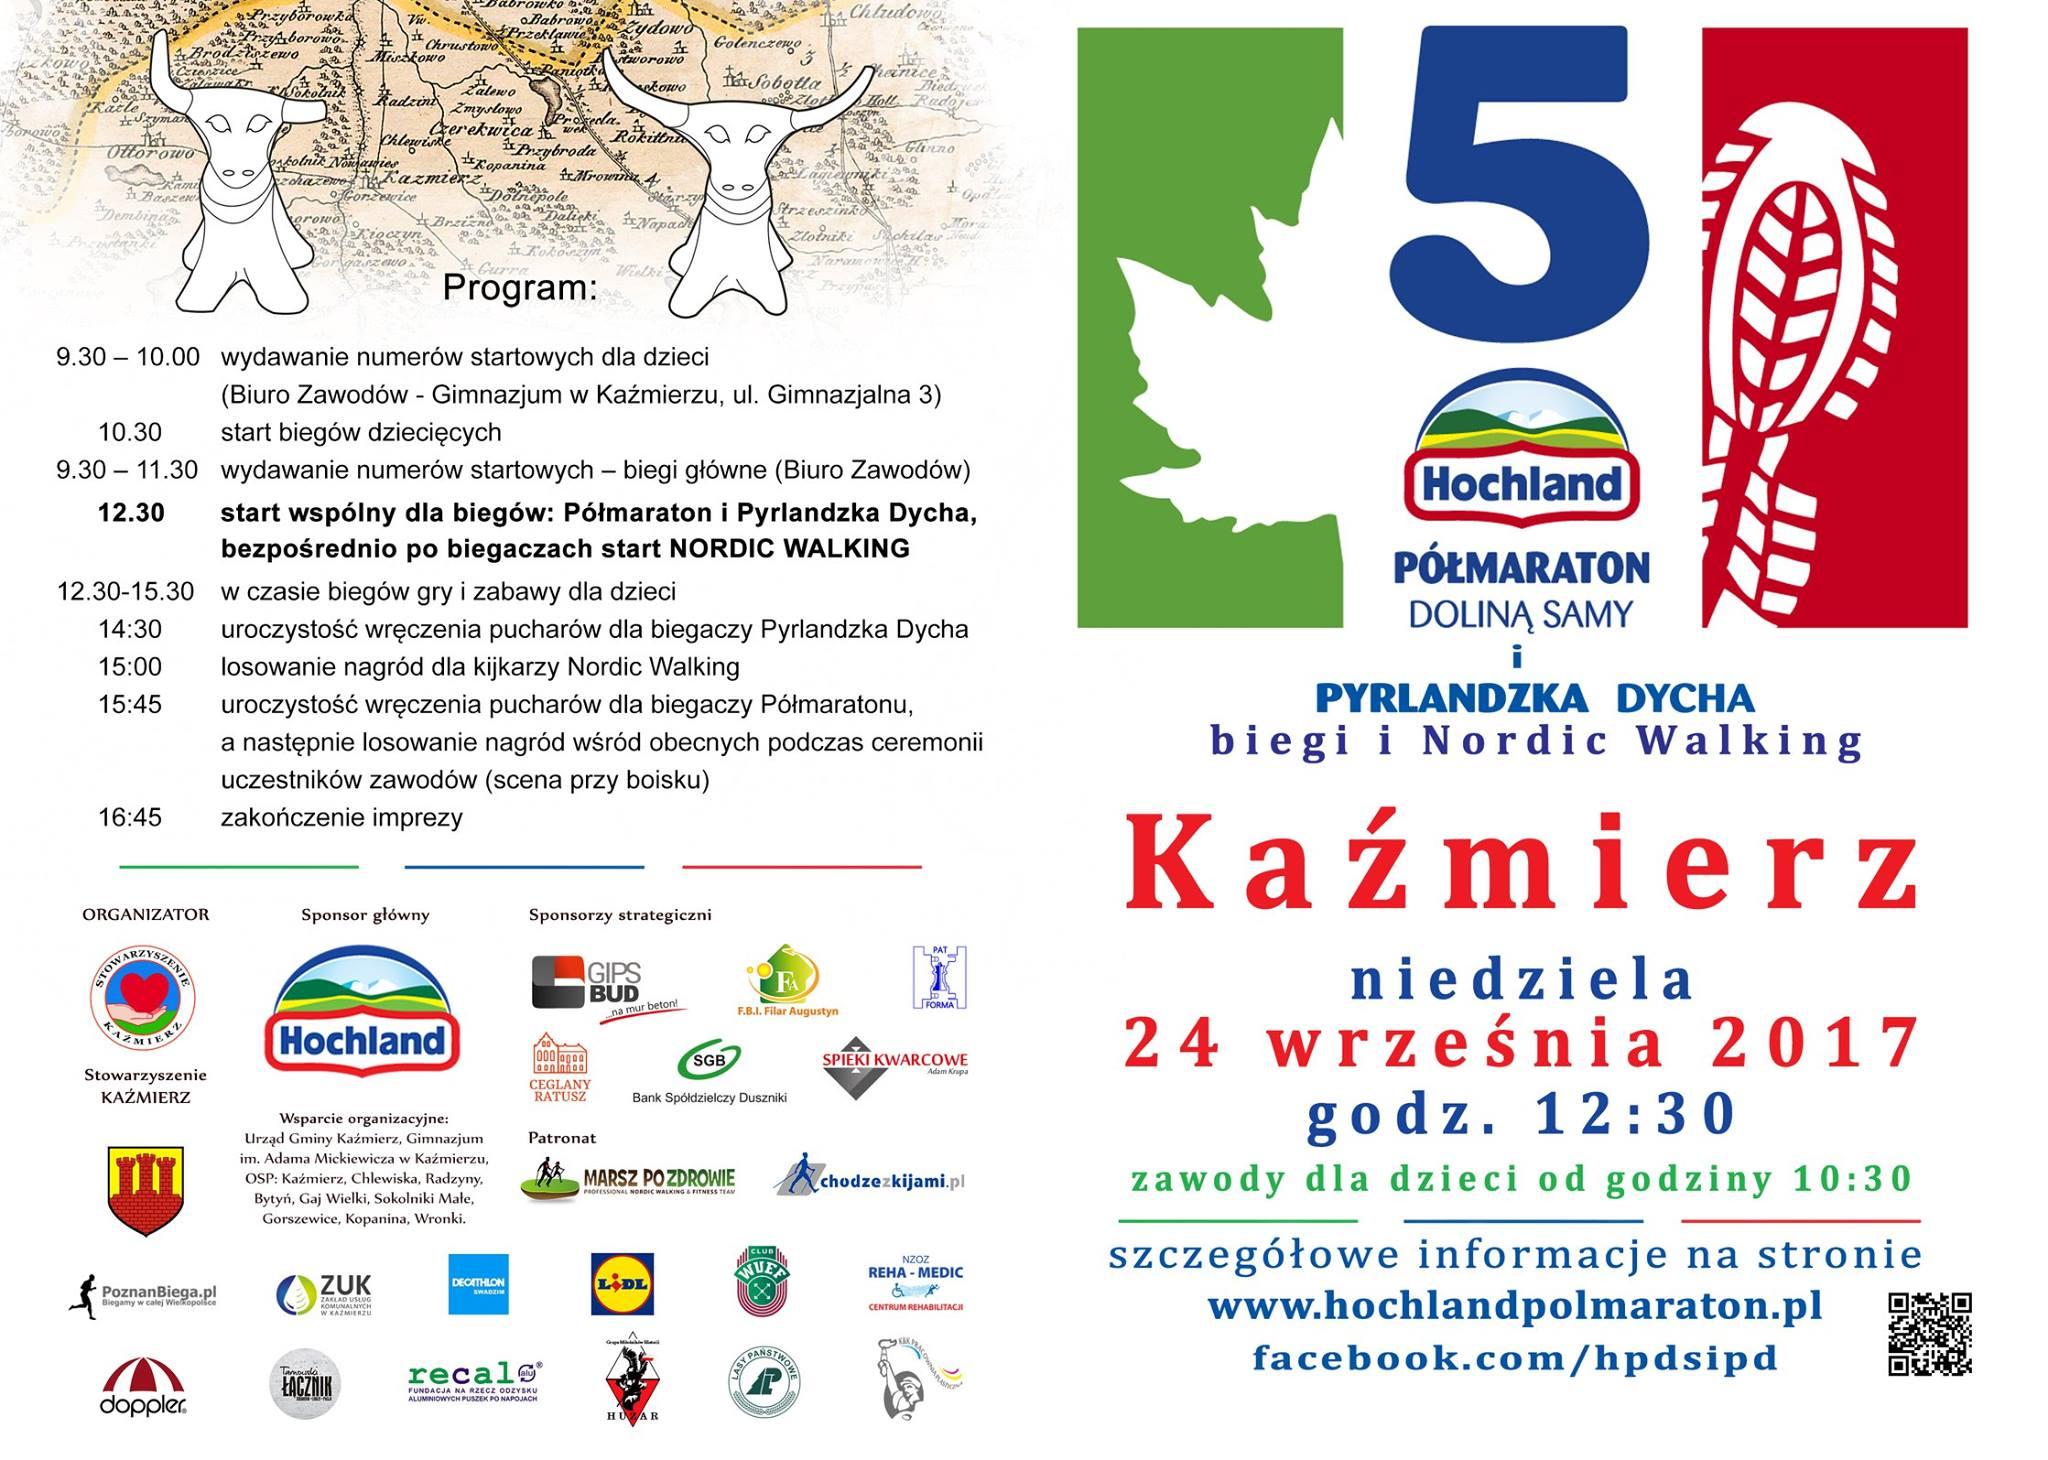 5 Hochland Półmaraton Doliną Samy I Pyrlandzka Dycha